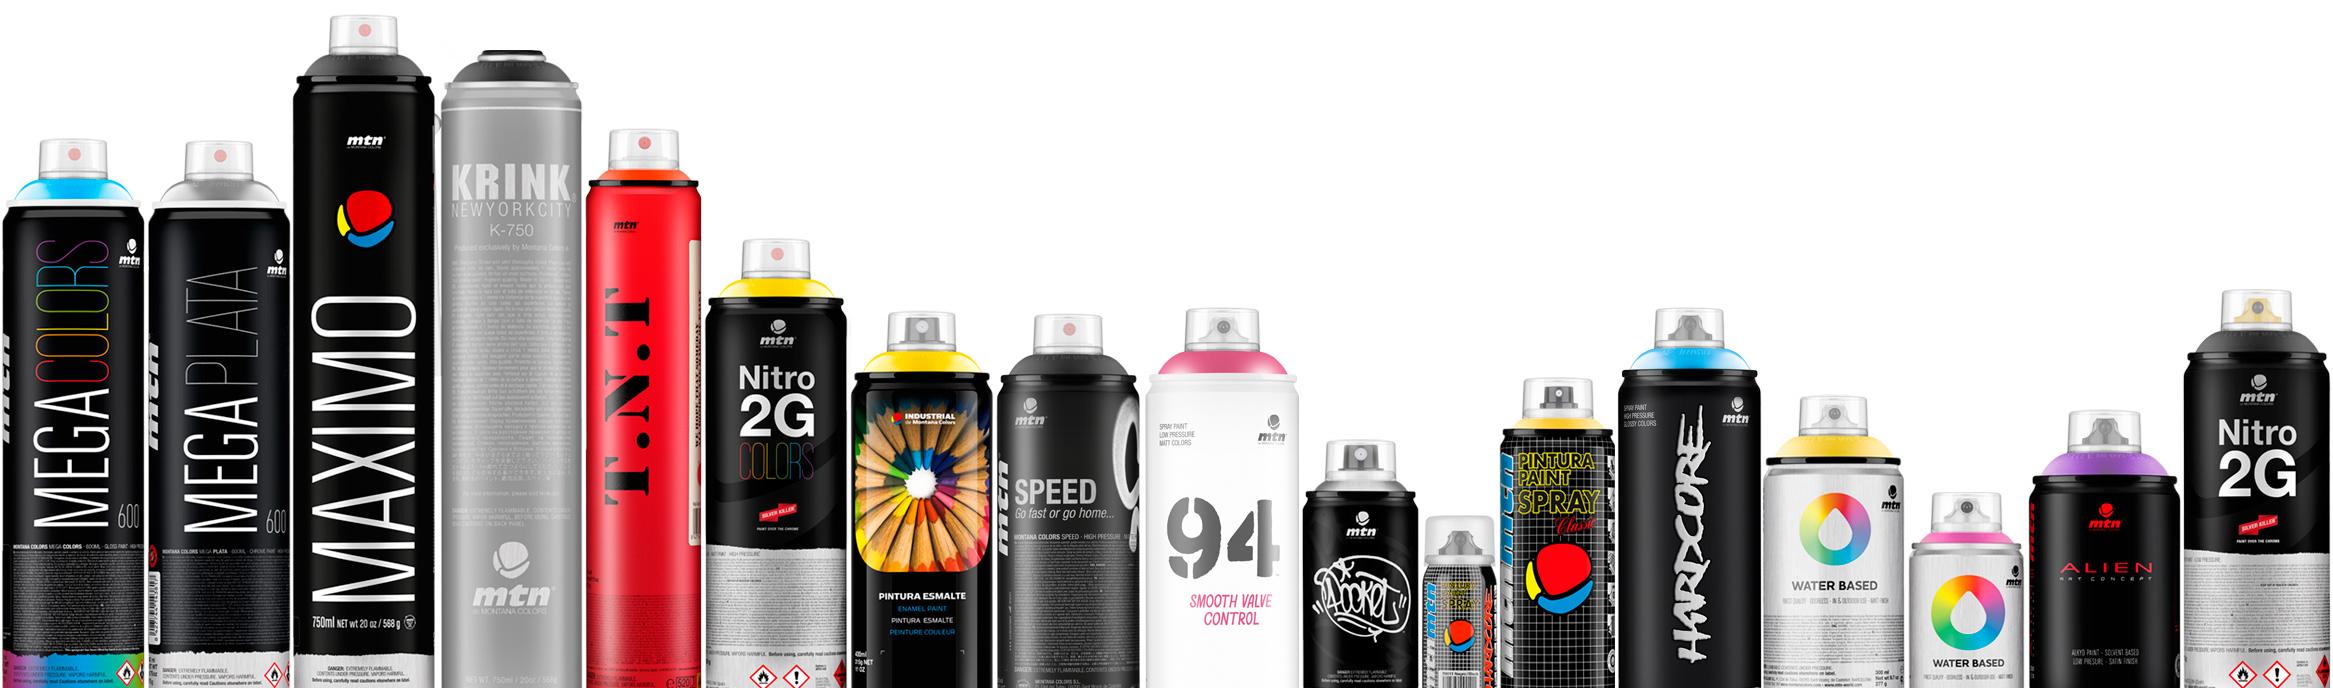 spraysFAMILIA